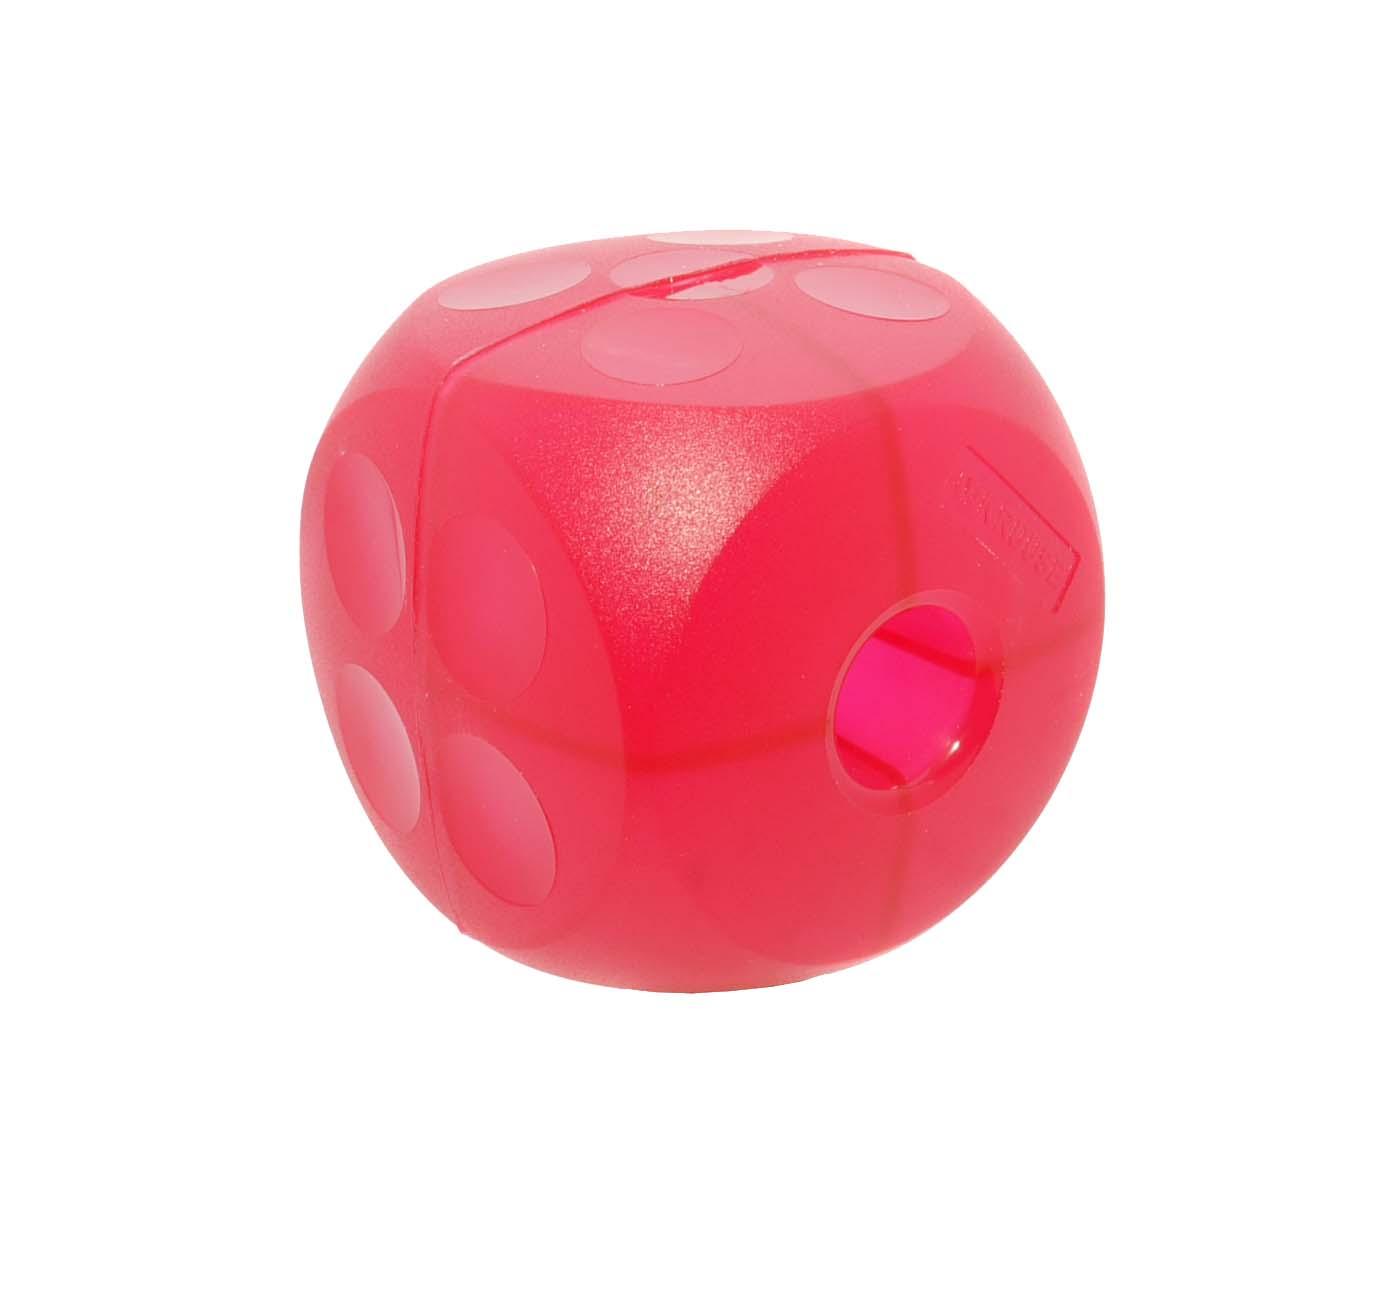 Cube Dog Treat Toy